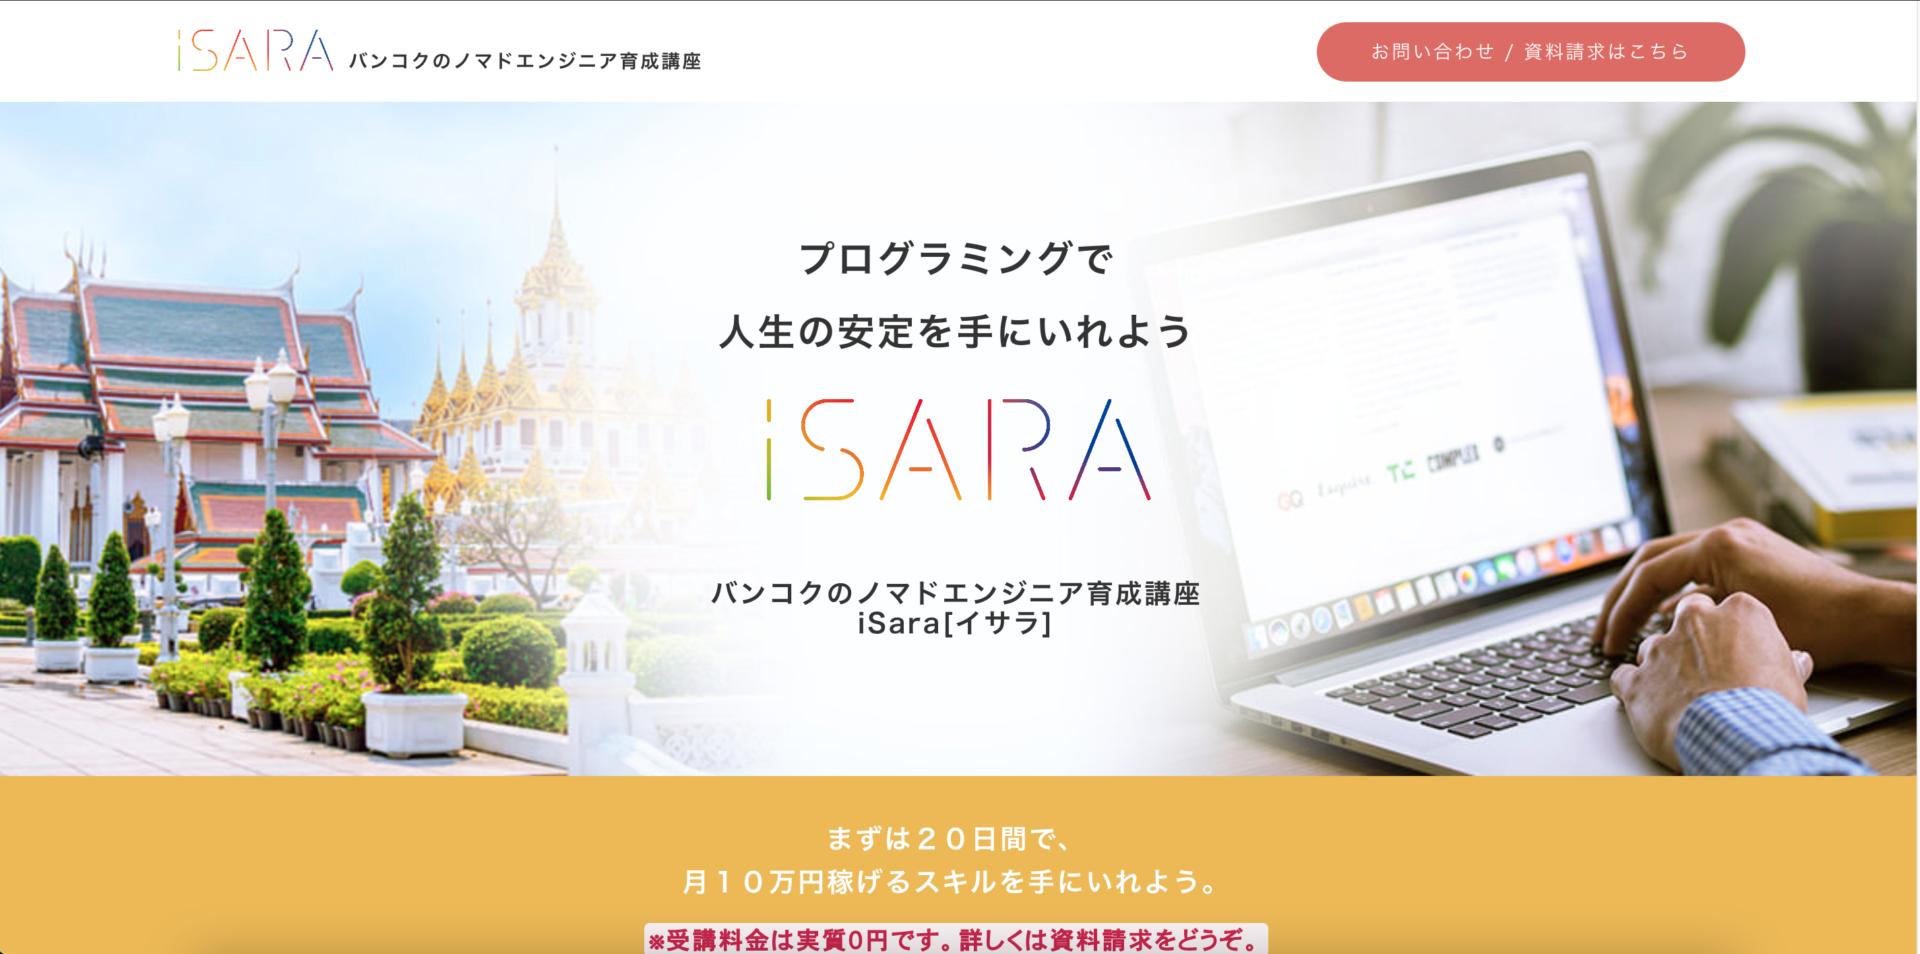 模写コーディングおすすめサイト iSara